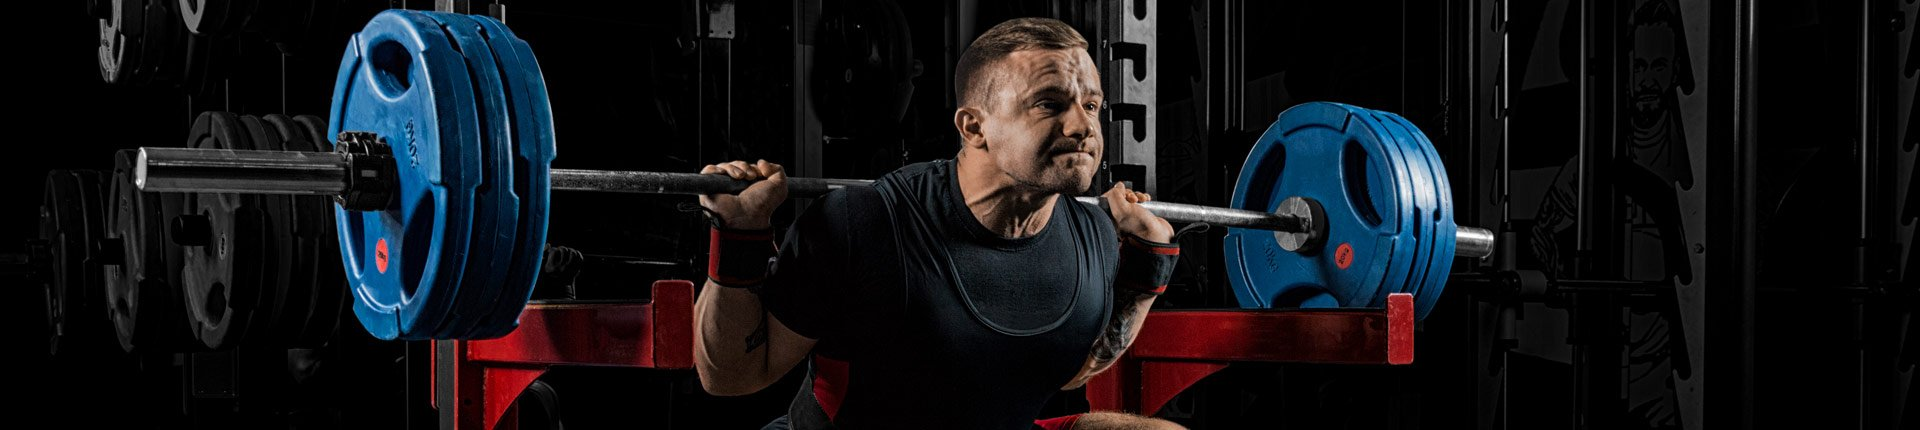 Jakie są dwa najlepsze ćwiczenia siłowe?